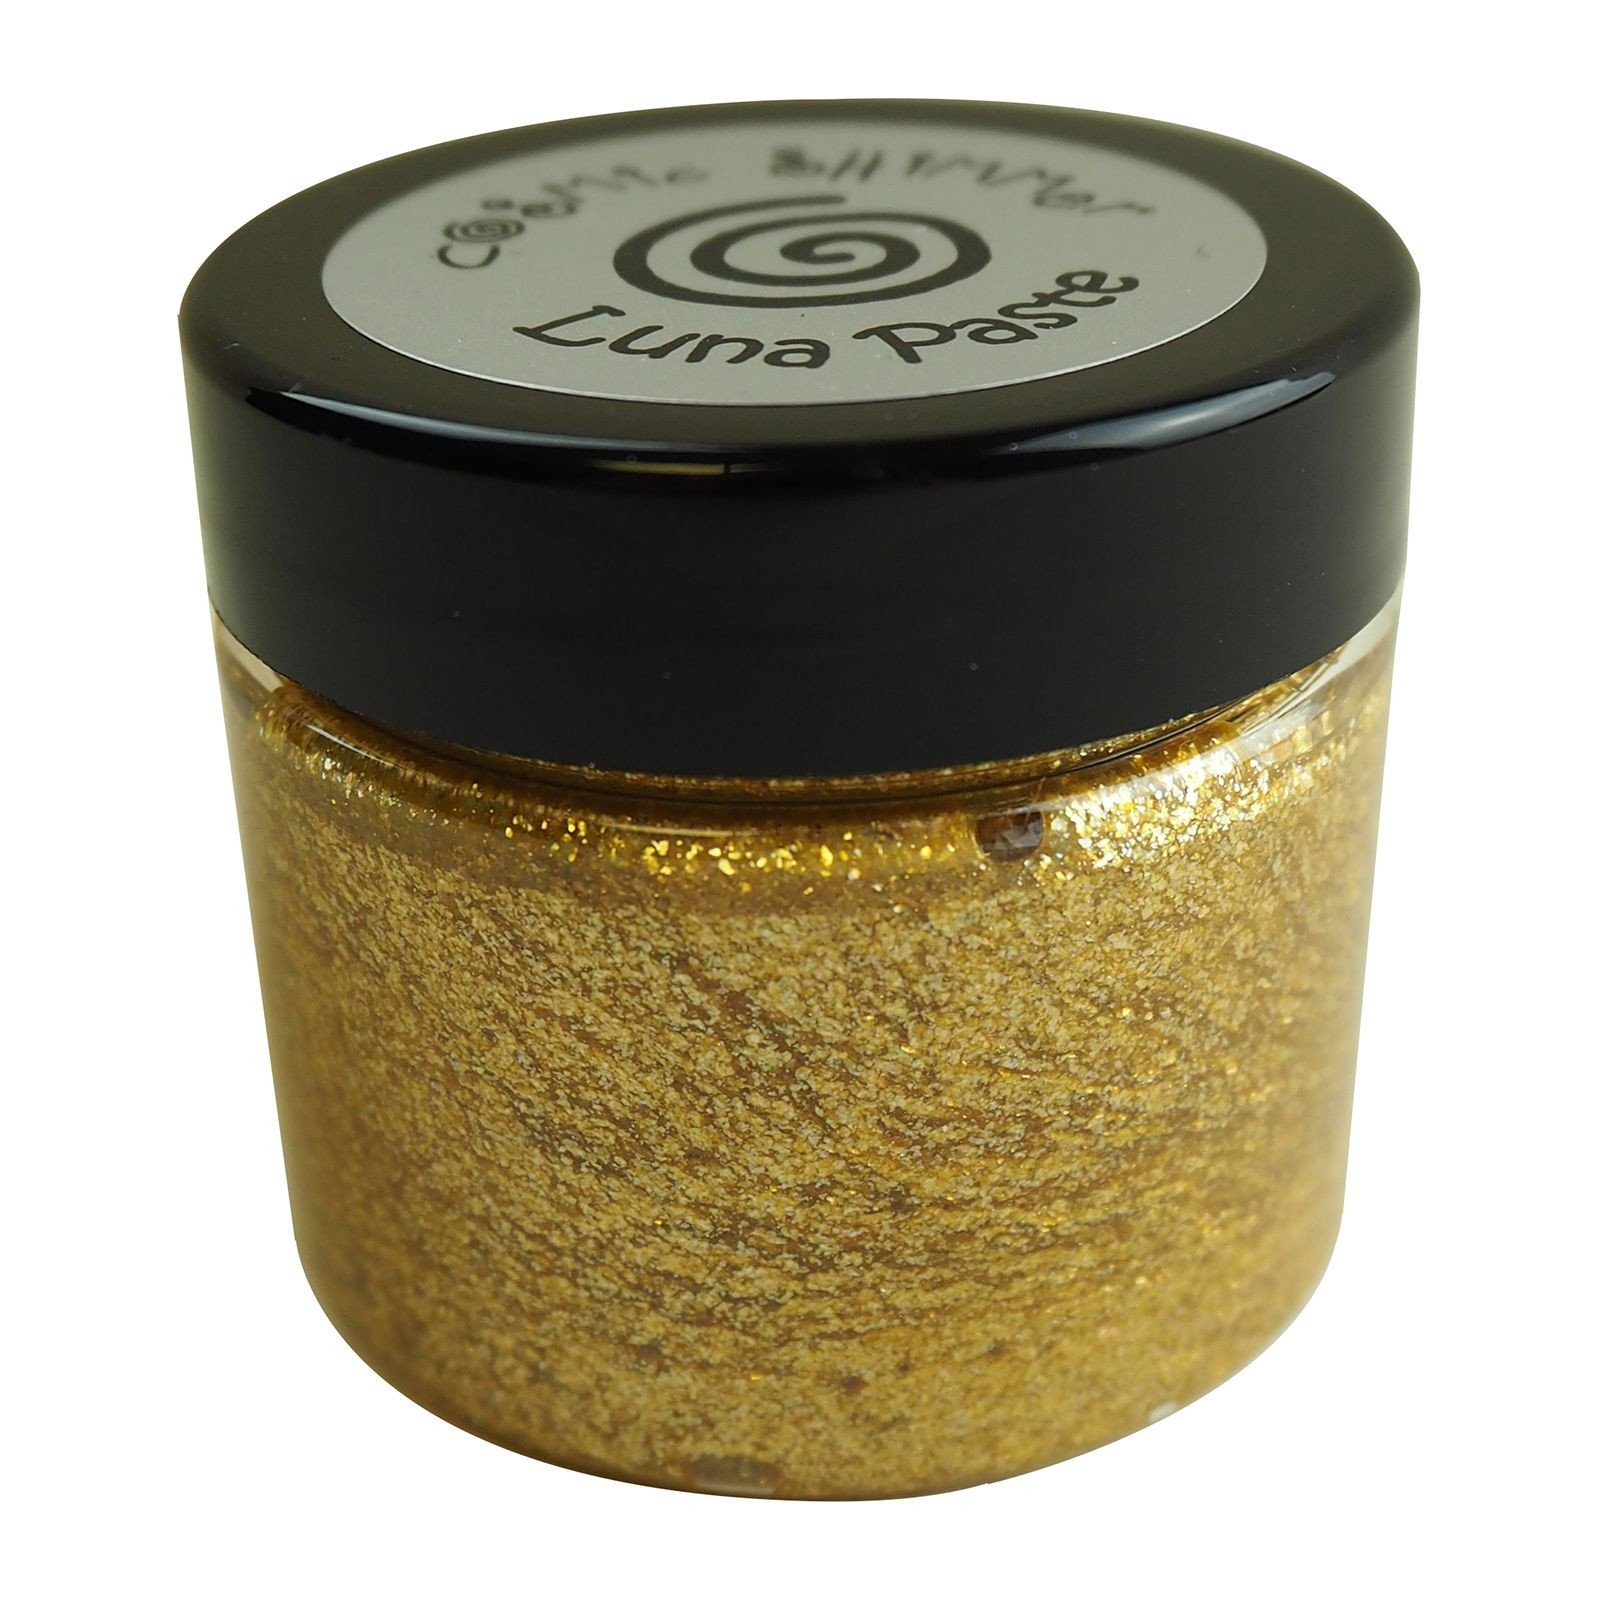 CE Cosmic Shimmer Moonlight Gold